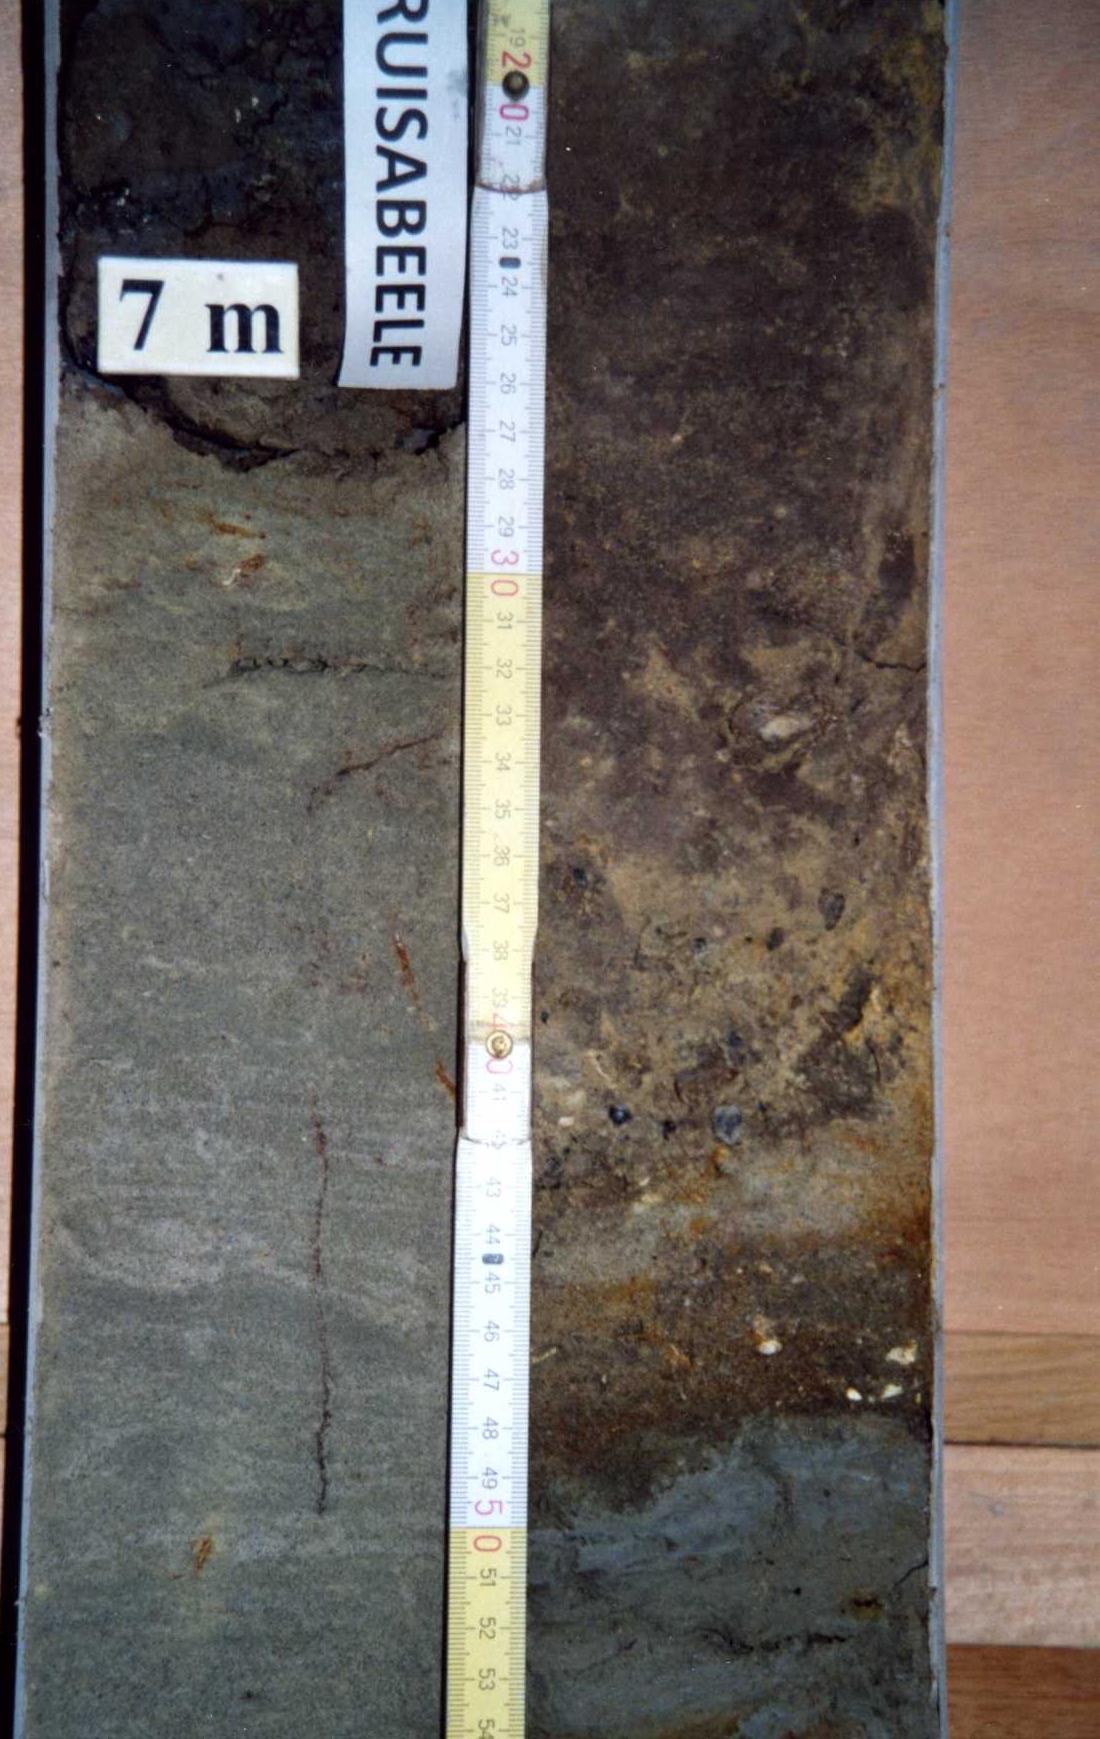 051w0137-schaap-kruisabeele-lampernisse_page_4.jpg